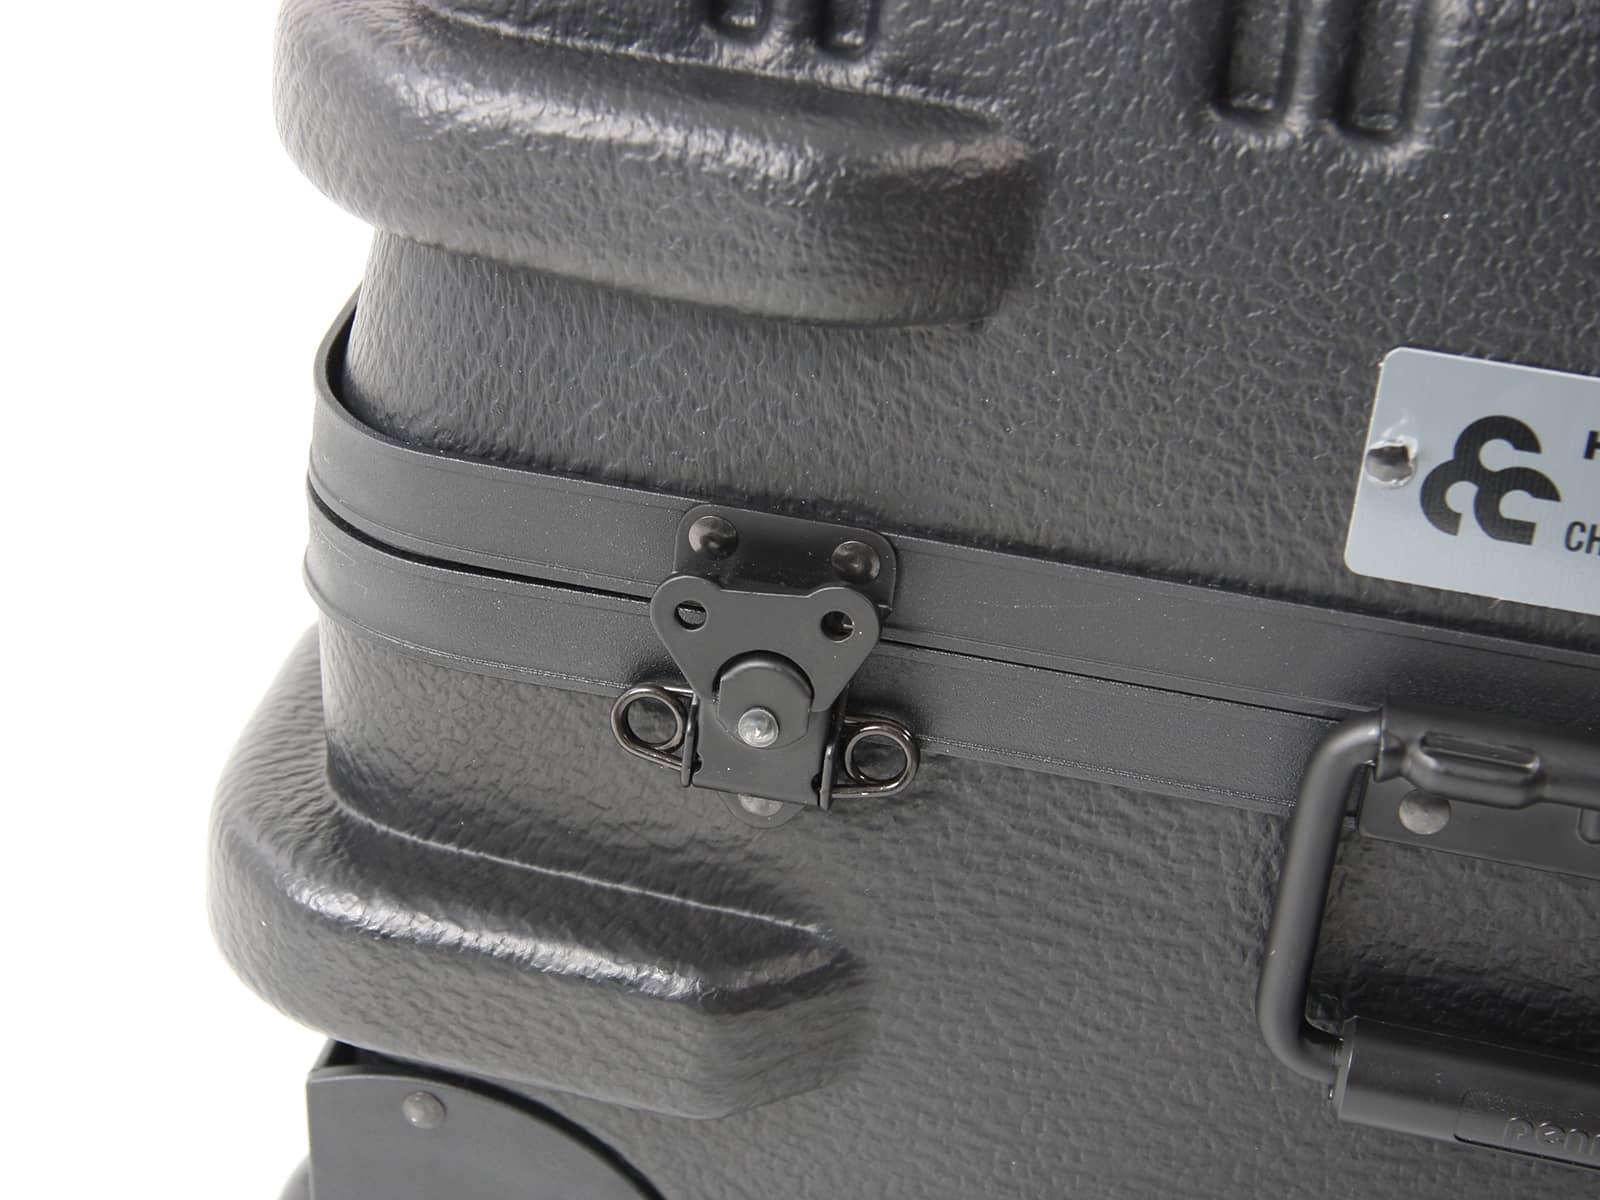 Chicago Case M 5550 Trolley Werkzeugkoffer / Präsentationskoffer inkl. Würfelschaumstoff 52 lt